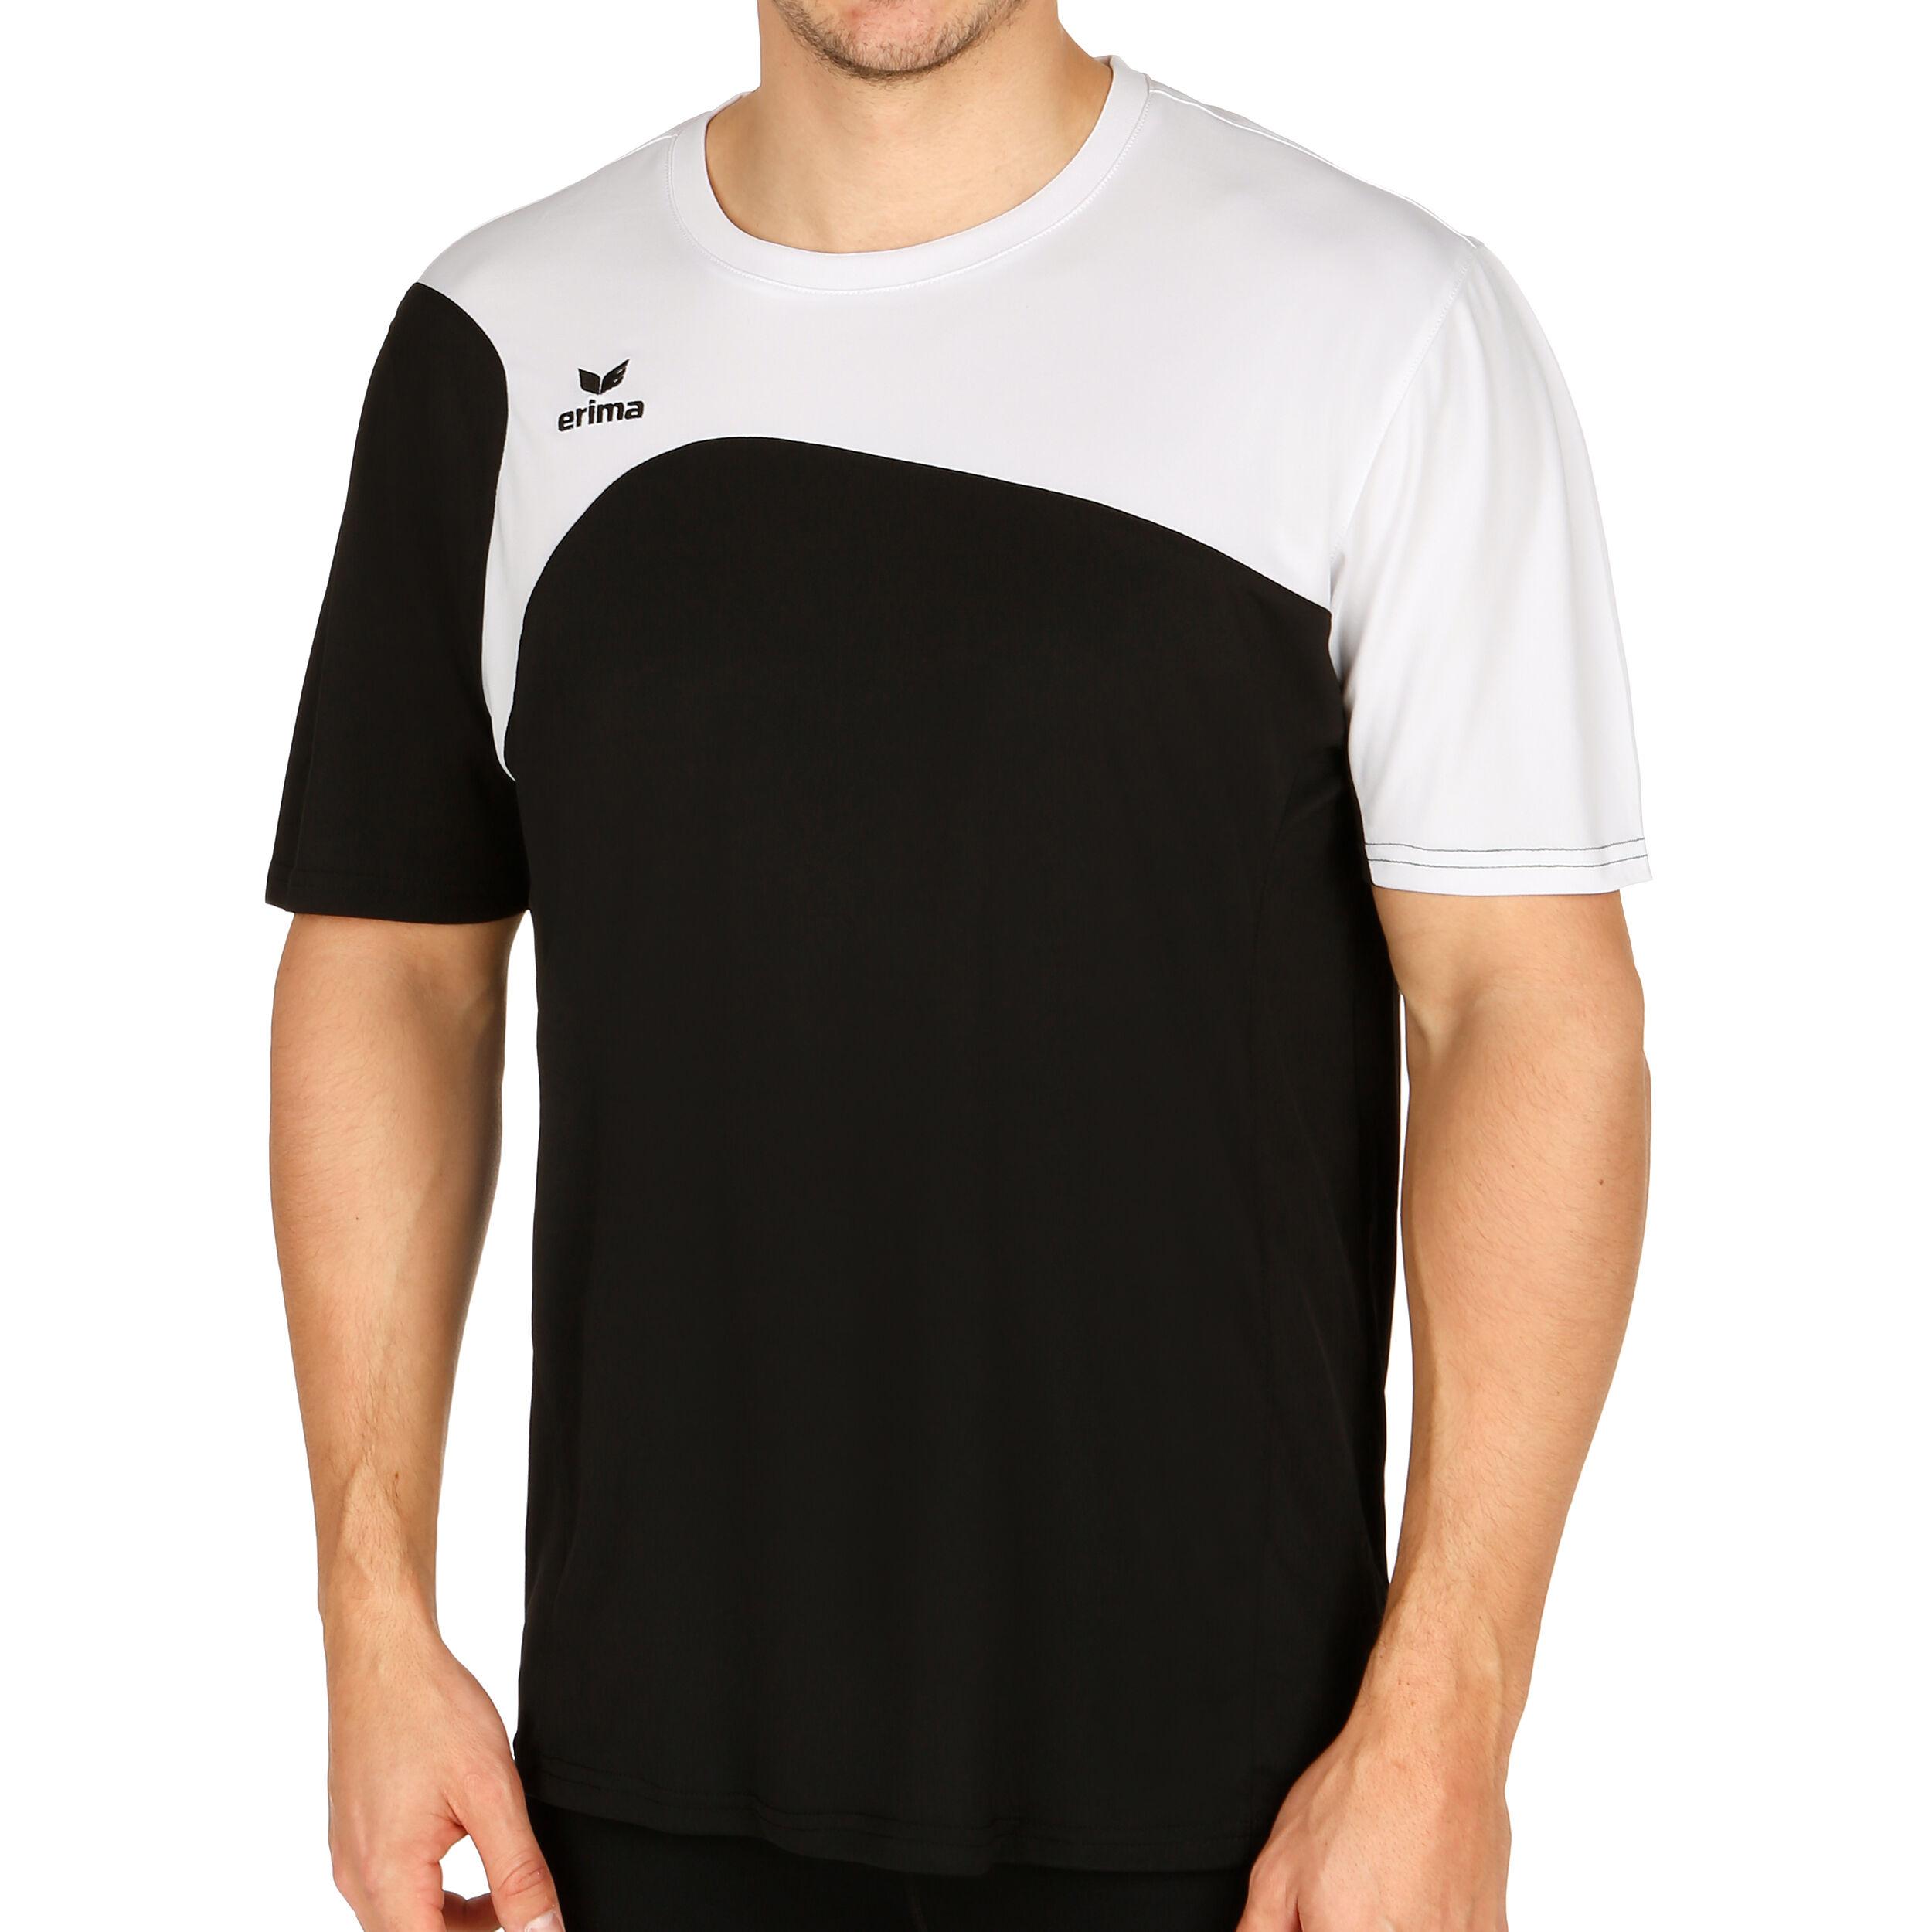 Erima Club 1900 T Shirt Herren Schwarz, Weiß online kaufen